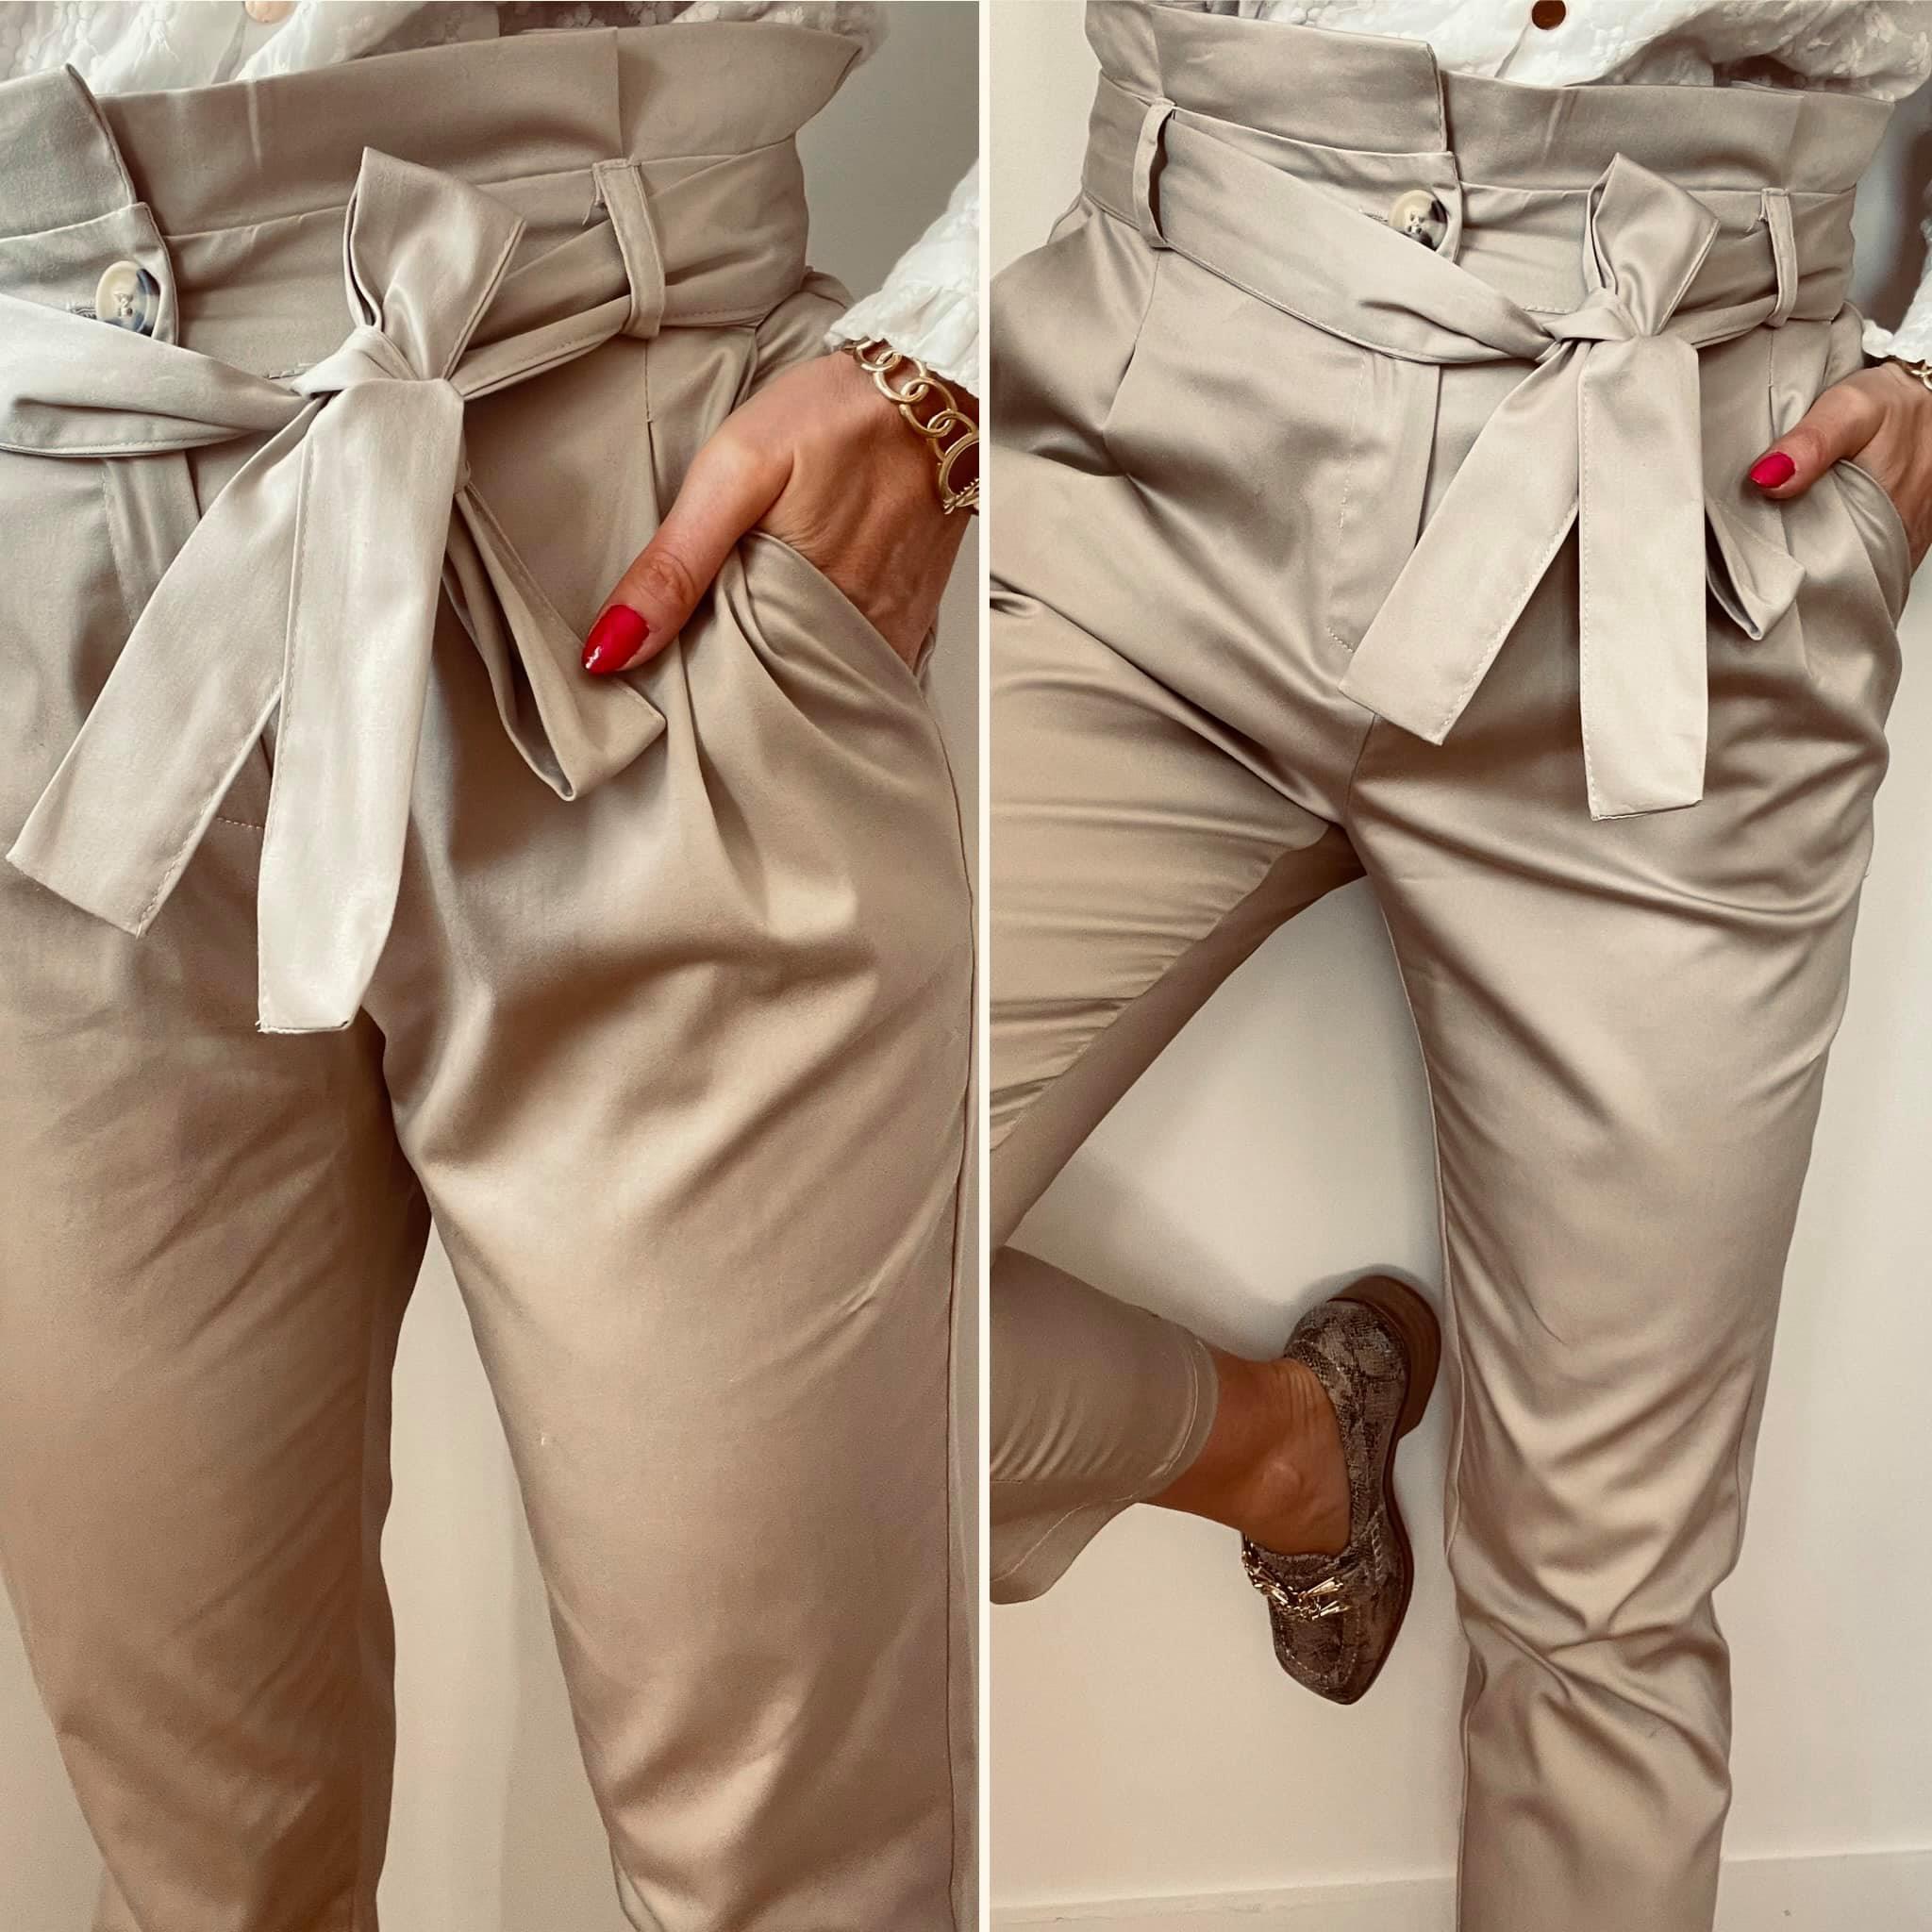 SAM-Pantalon beige fabriqué en FRANCE